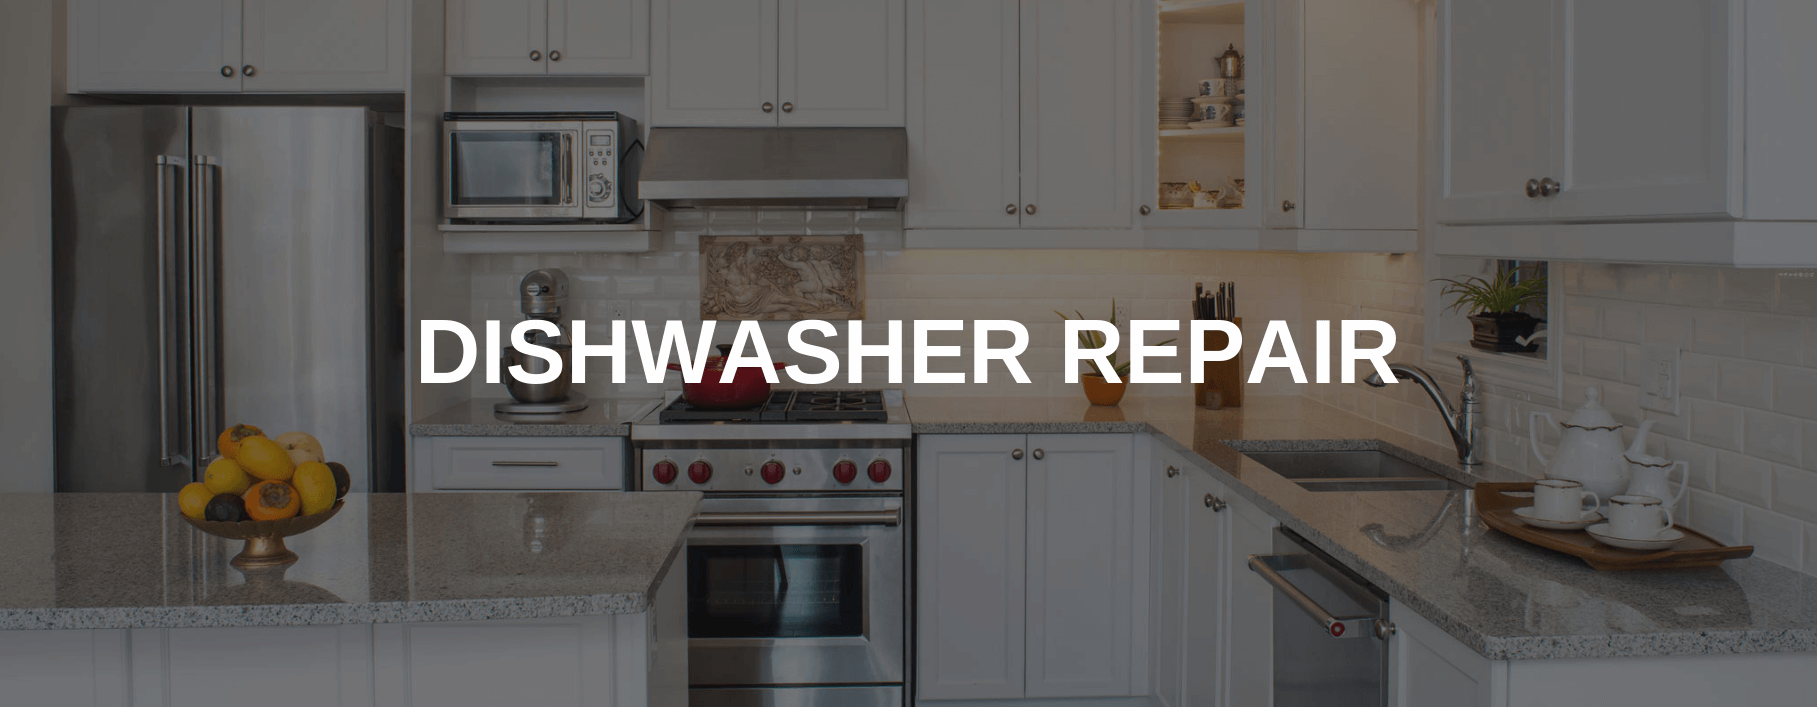 dishwasher repair akron